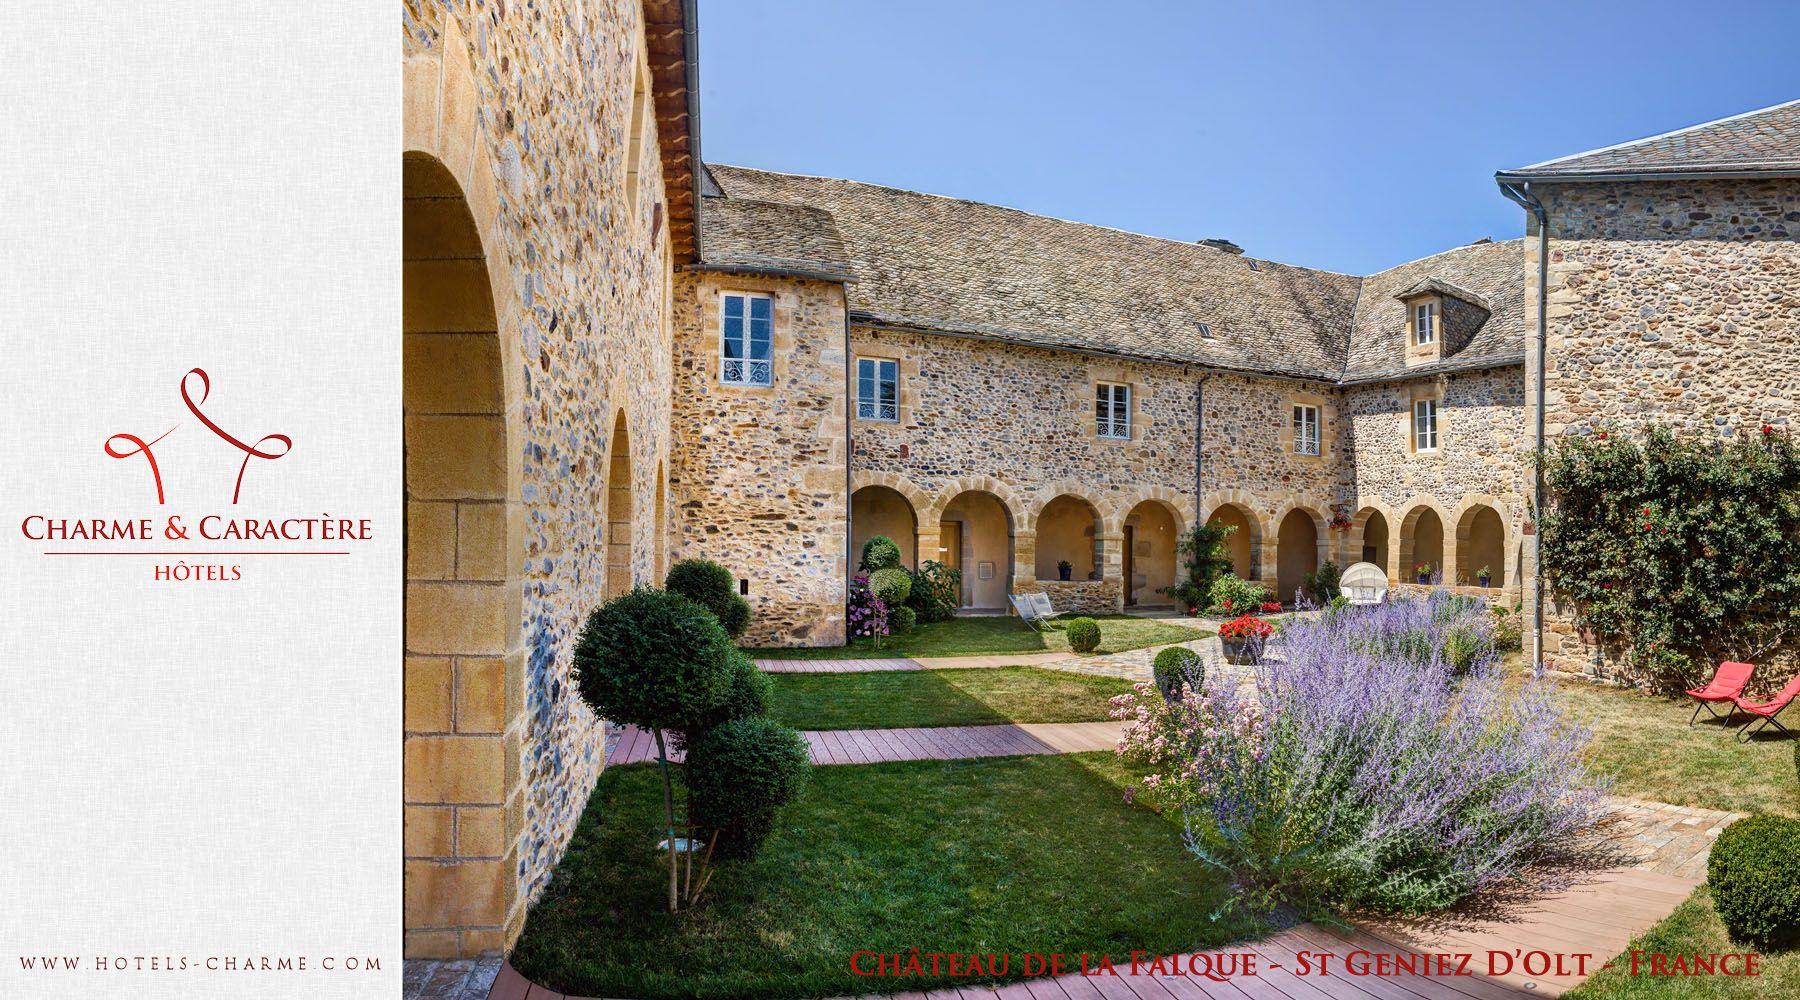 Hotels De Charme Et De Caractere Chateau De La Falque St